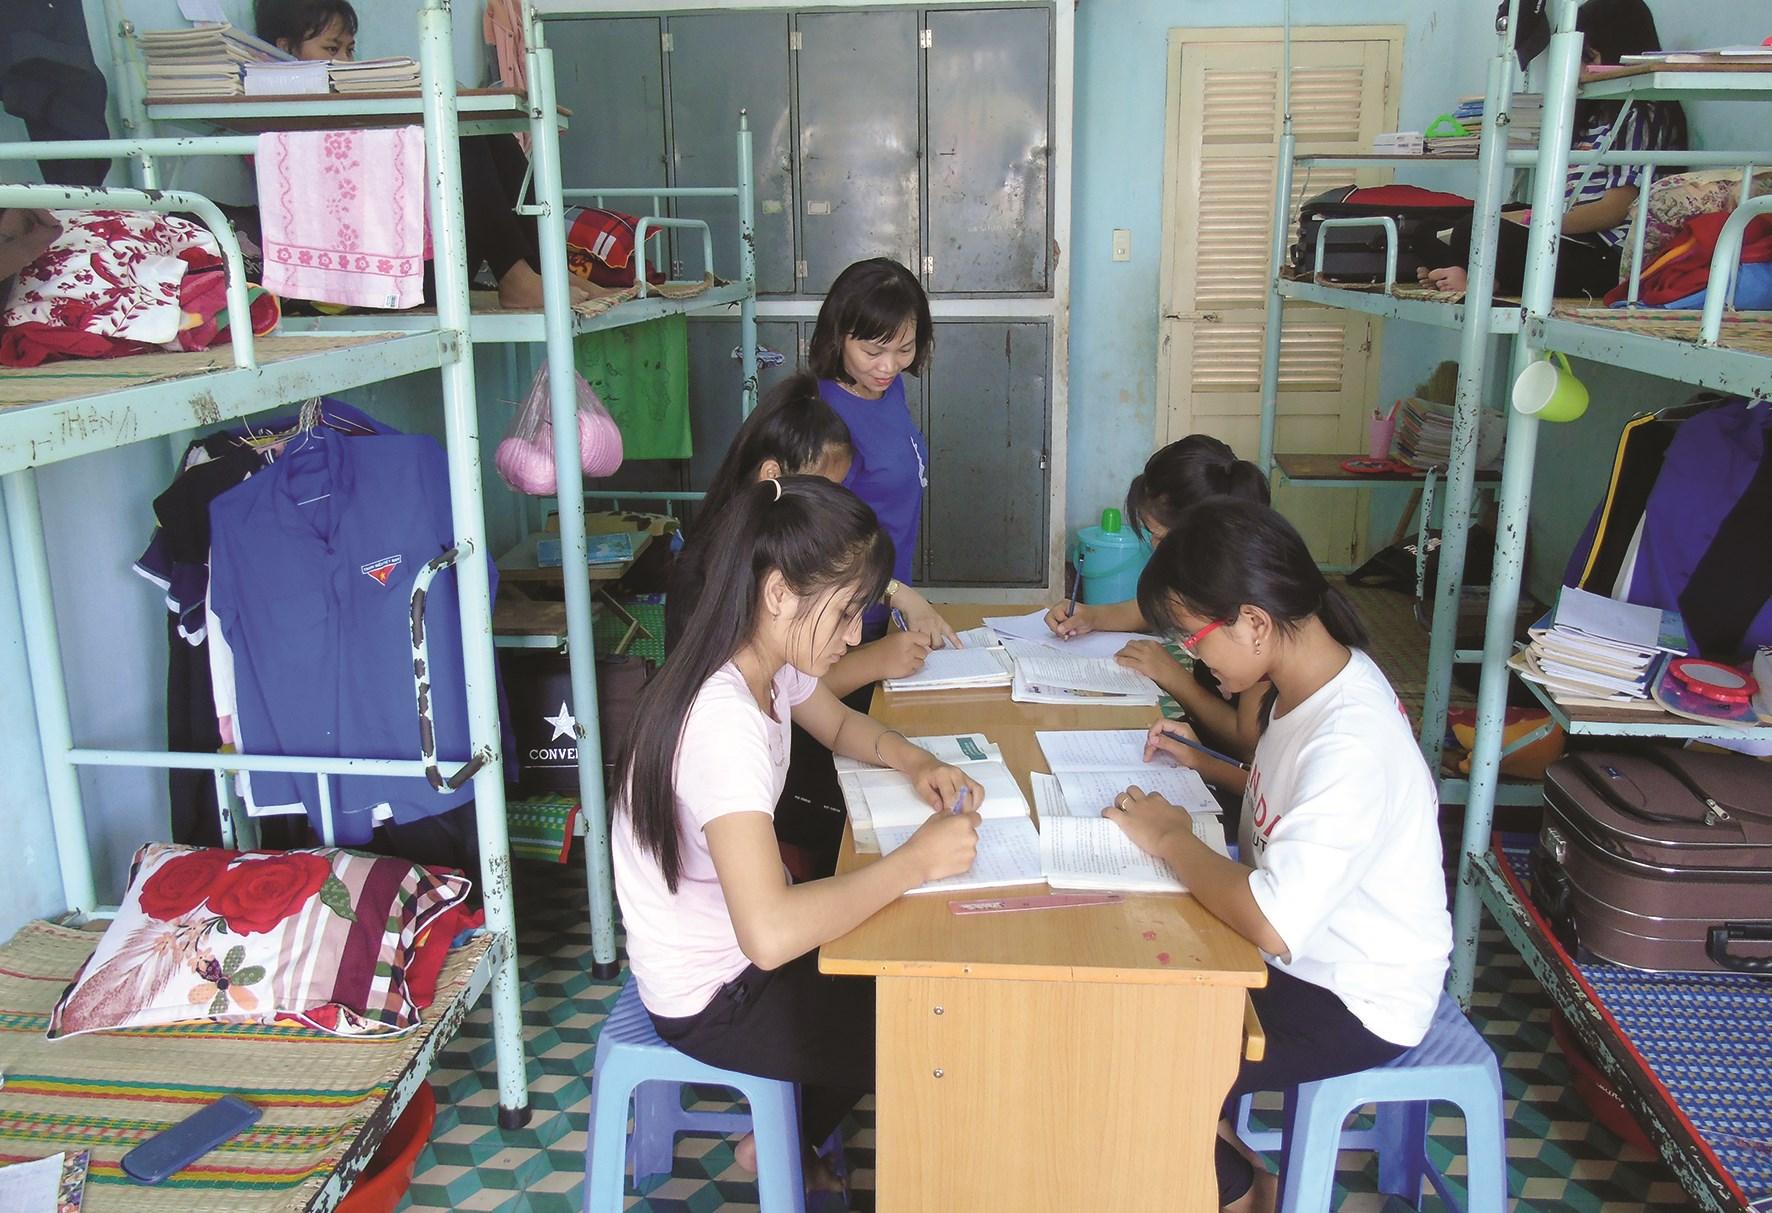 Việc các Trường DTNT thiếu giáo viên sẽ rất khó cho việc dạy và quản lý học sinh. (Ảnh minh họa)